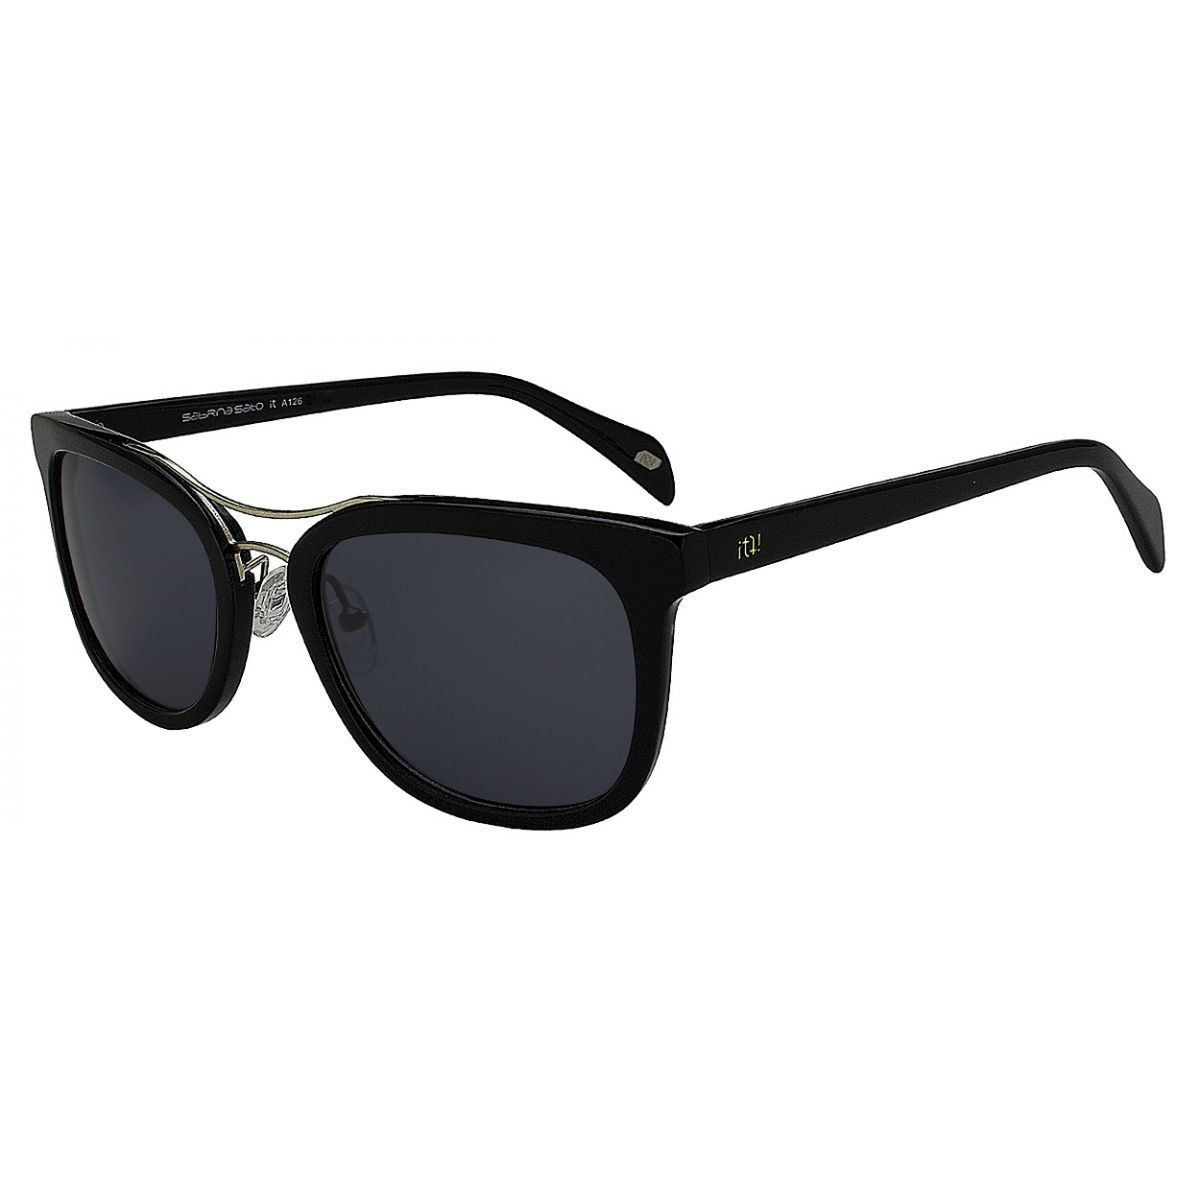 Oculos Solar It Sabrina Sato Charlote A126 C1/52/7 Preto Brilhoso